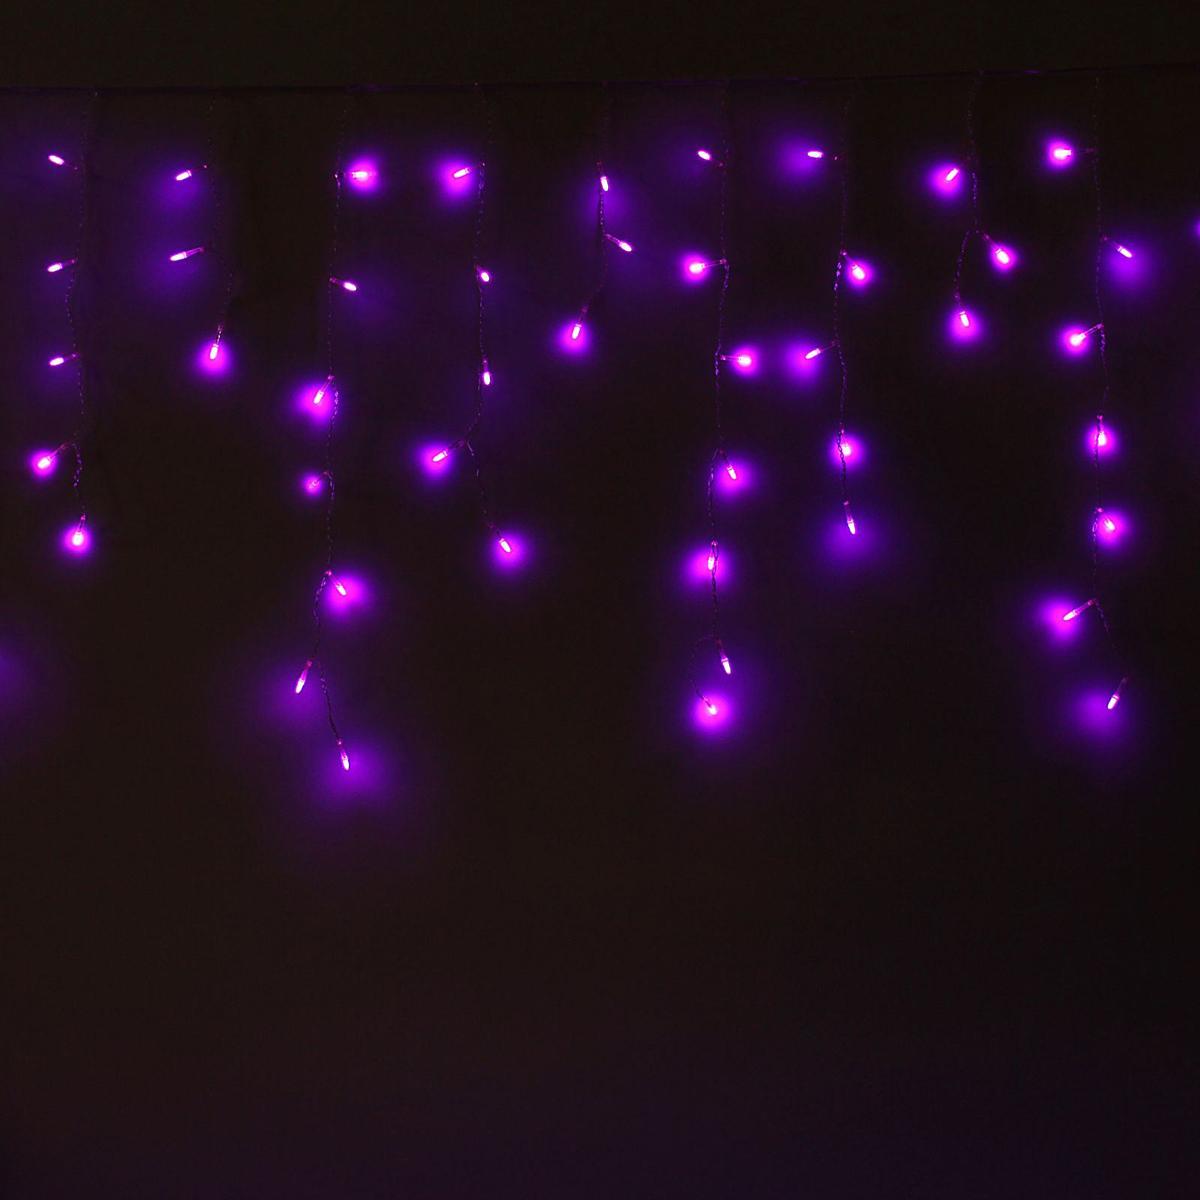 Гирлянда светодиодная Luazon Бахрома. Игла, 8 режимов, 60 ламп, 220 V, цвет: фиолетовый, 1,2 х 0,6 м. 10805361080536Светодиодные гирлянды, ленты и т.д — это отличный вариант для новогоднего оформления интерьера или фасада. С их помощью помещение любого размера можно превратить в праздничный зал, а внешние элементы зданий, украшенные ими, мгновенно станут напоминать очертания сказочного дворца. Такие украшения создают ауру предвкушения чуда. Деревья, фасады, витрины, окна и арки будто специально созданы, чтобы вы украсили их светящимися нитями.